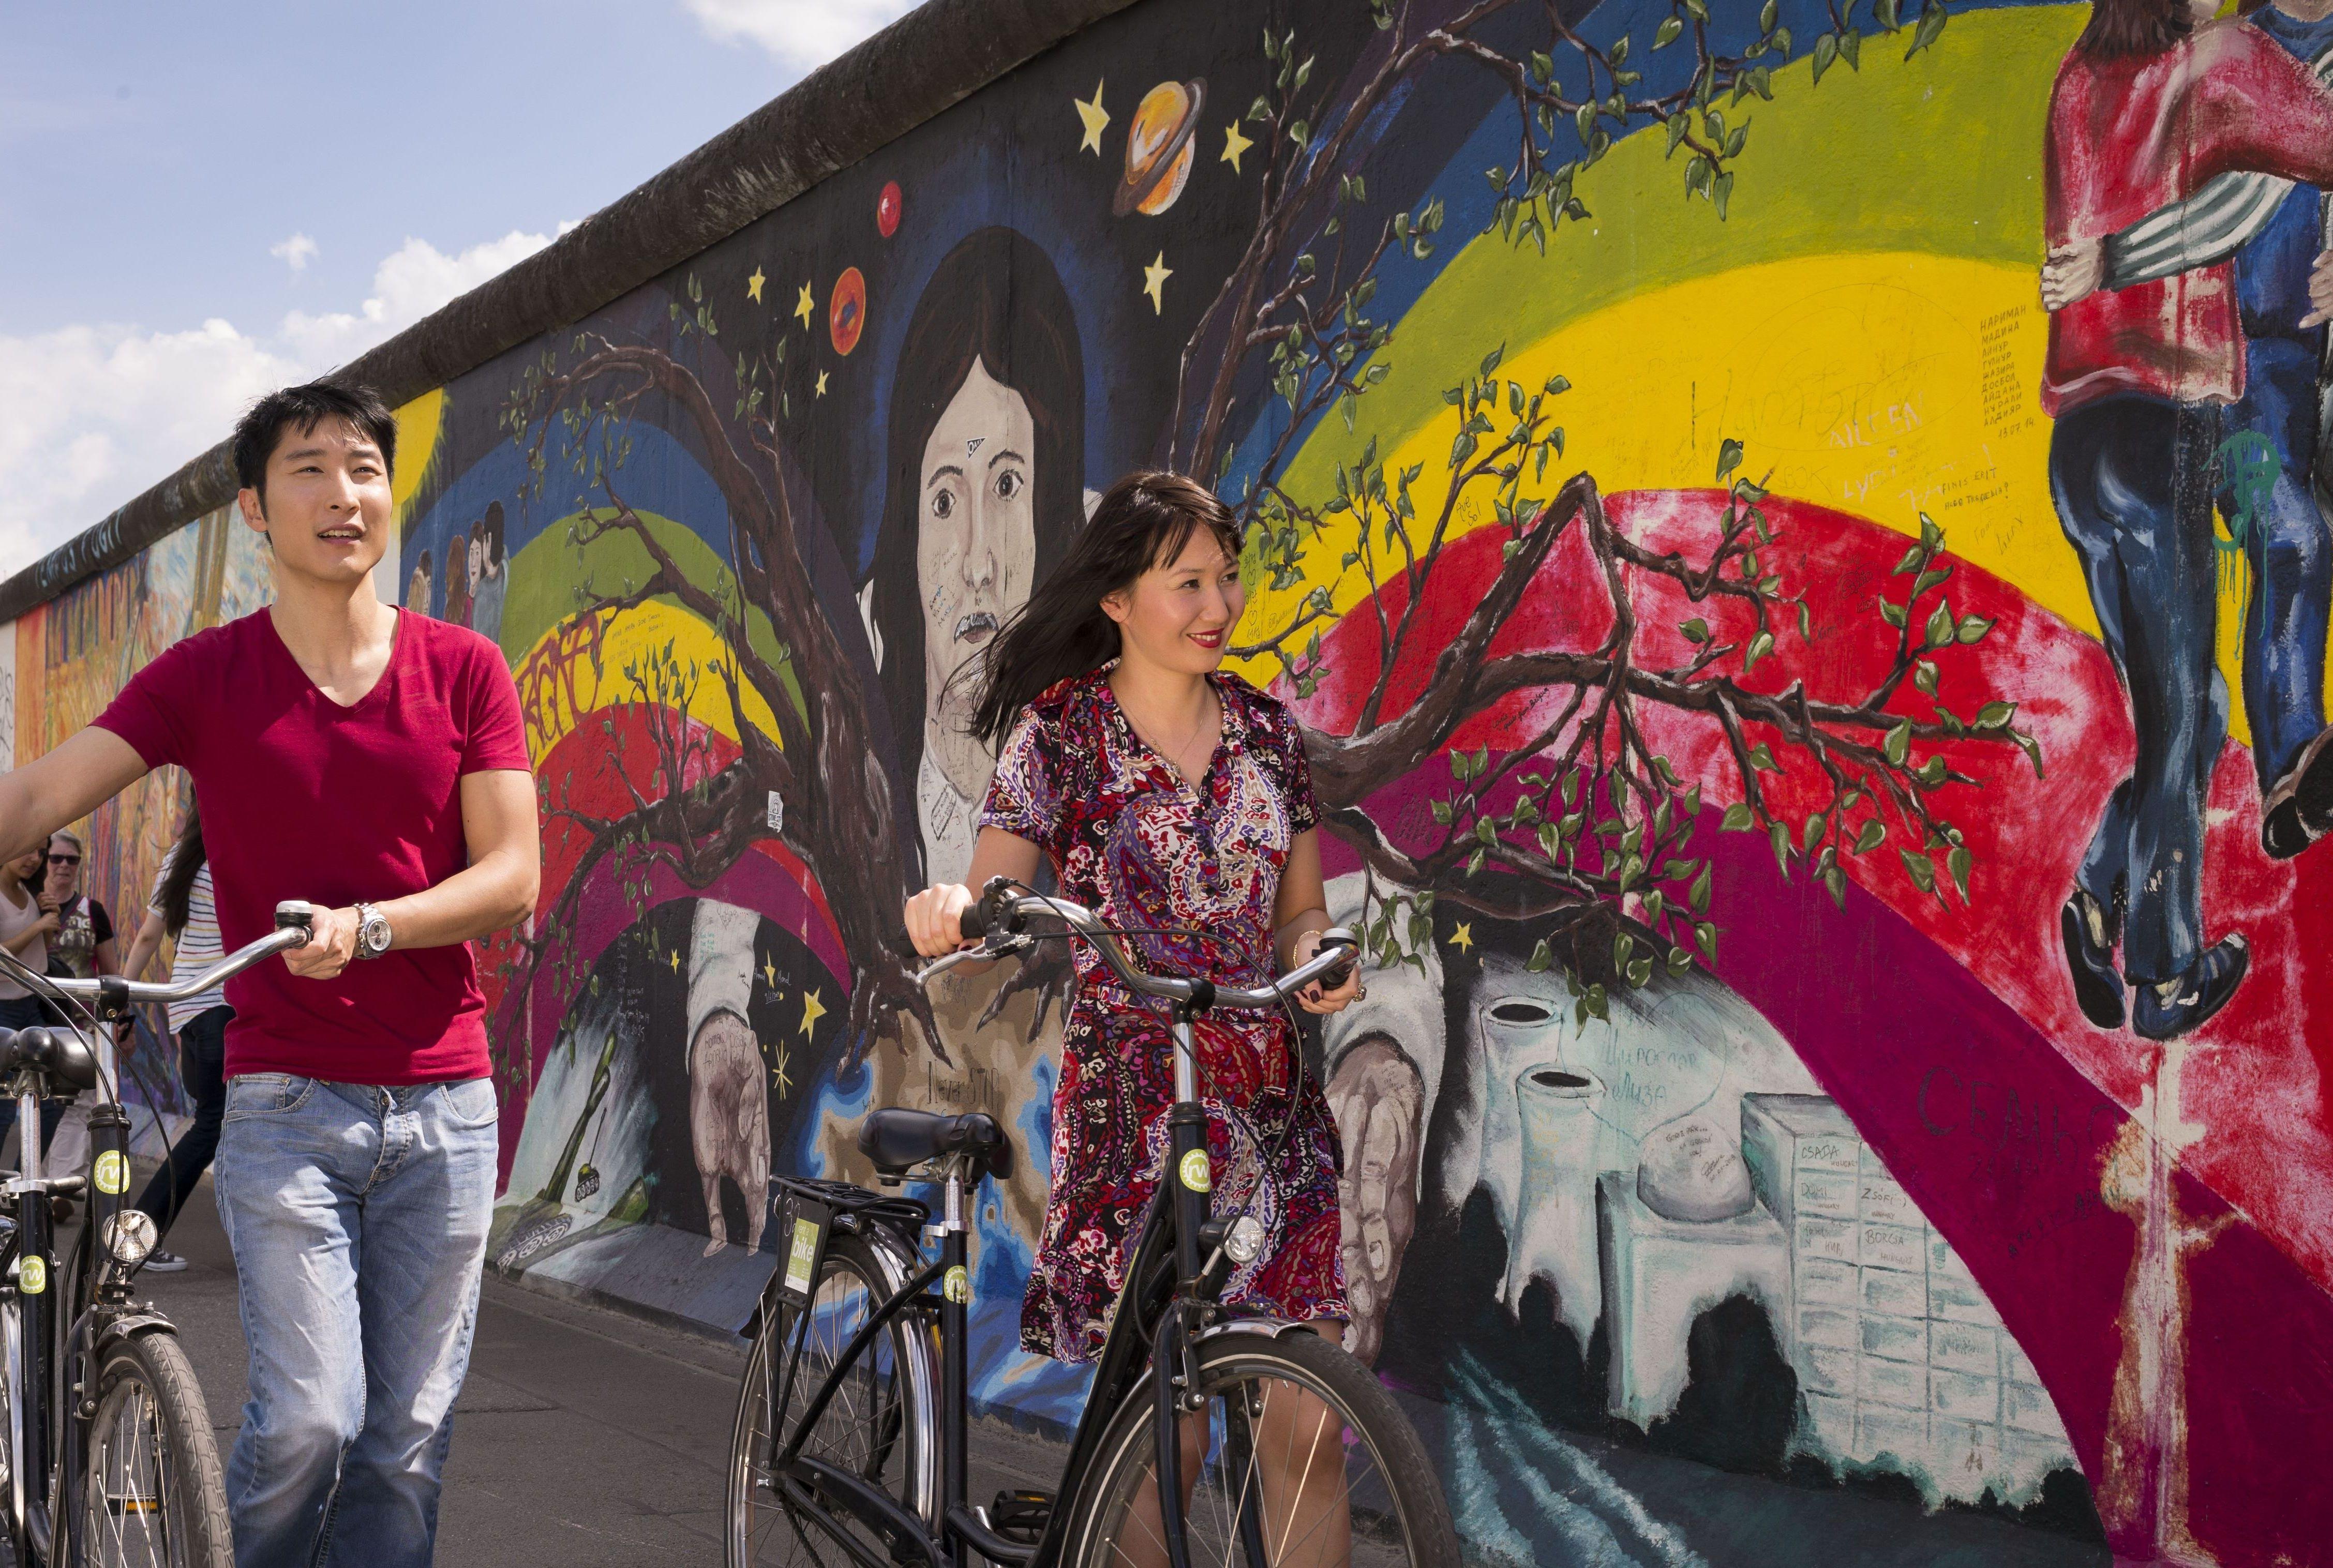 Lidt af Berlin-muren kan stadig ses i den tyske hovedstad, her er det East Side Gallery, der i sig selv er et turistmål. Pressefoto: VisitBerlin, Philip Koschel.